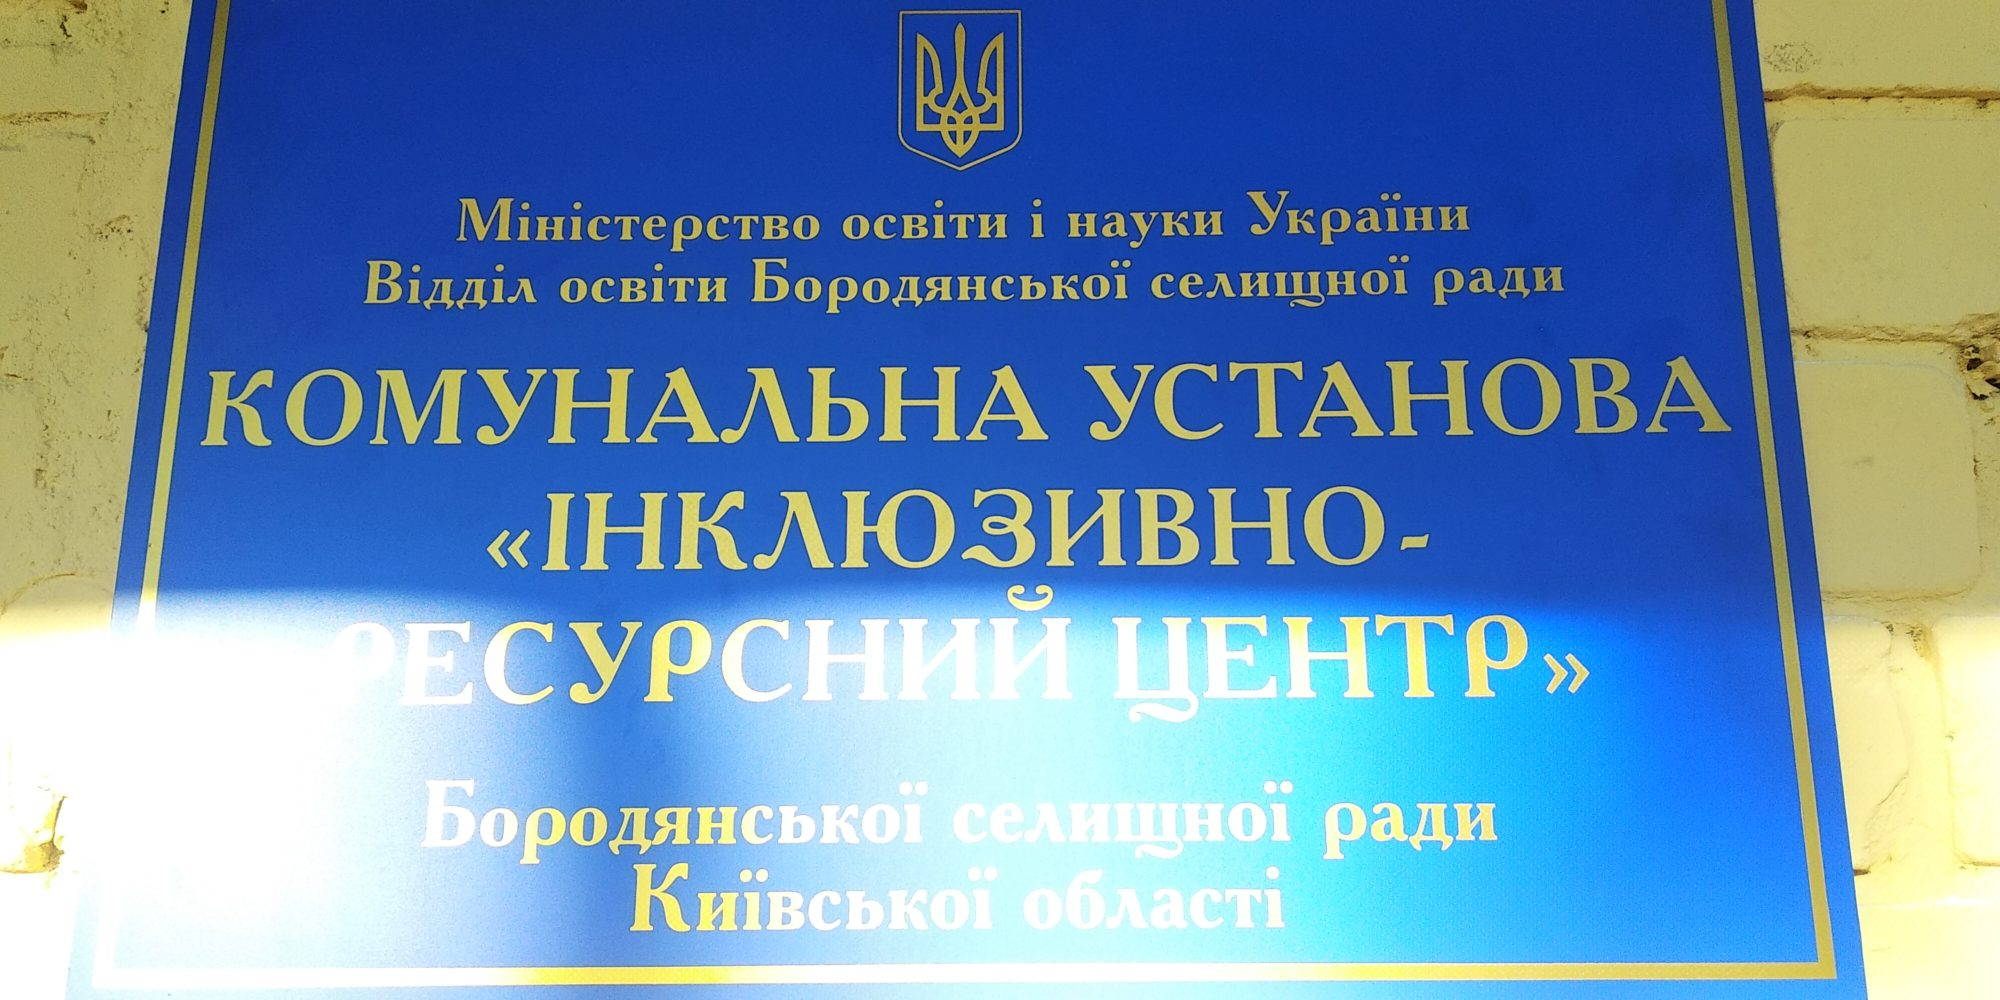 У День Миколая в Бородянці відкрили перший інклюзивно-ресурсний центр - інклюзія, Інклюзивно-ресурсний центр, Бородянка - IMG 20191219 120706 2000x1000